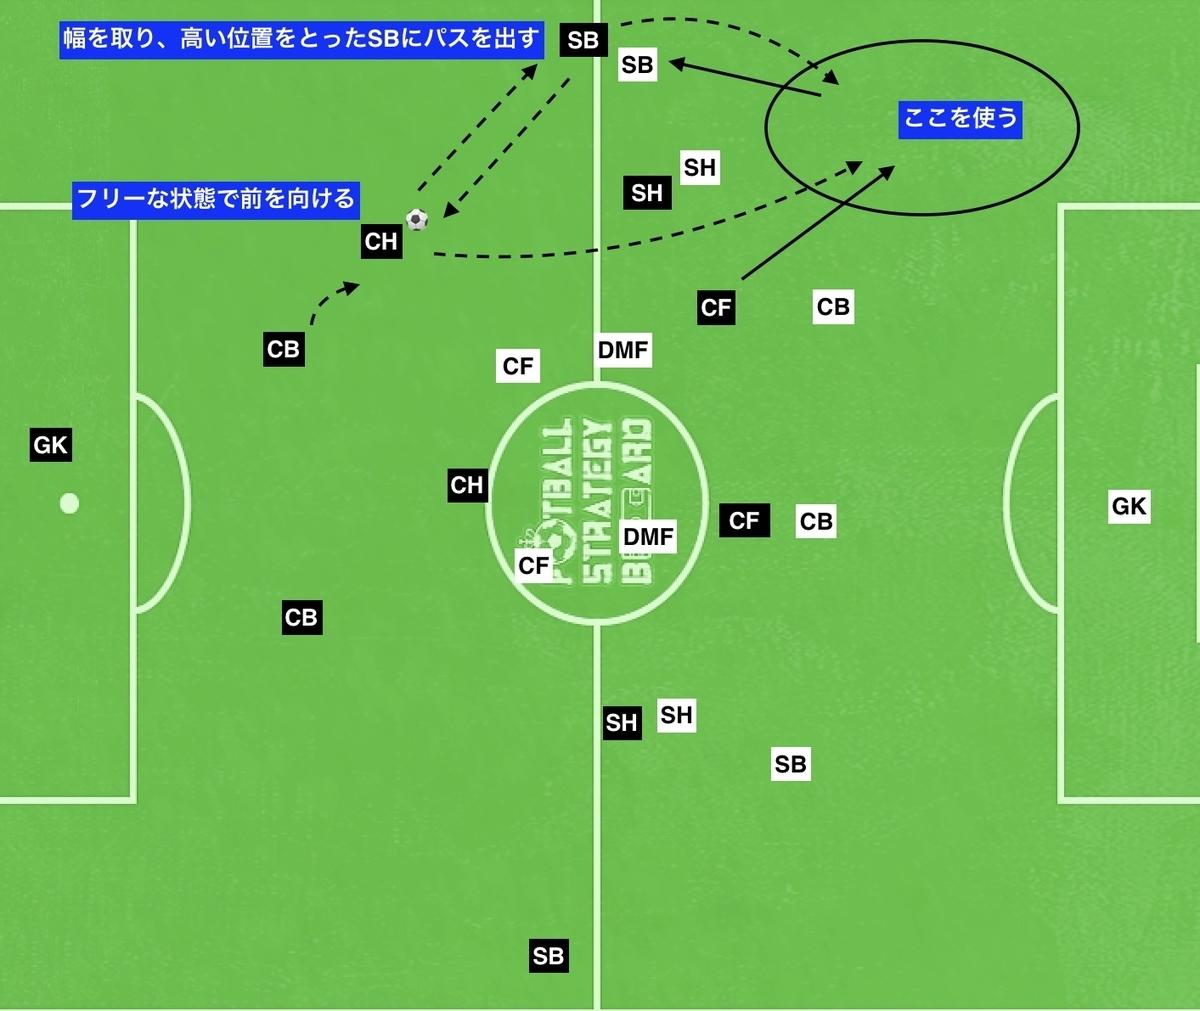 f:id:football-analyst:20190808101009j:plain